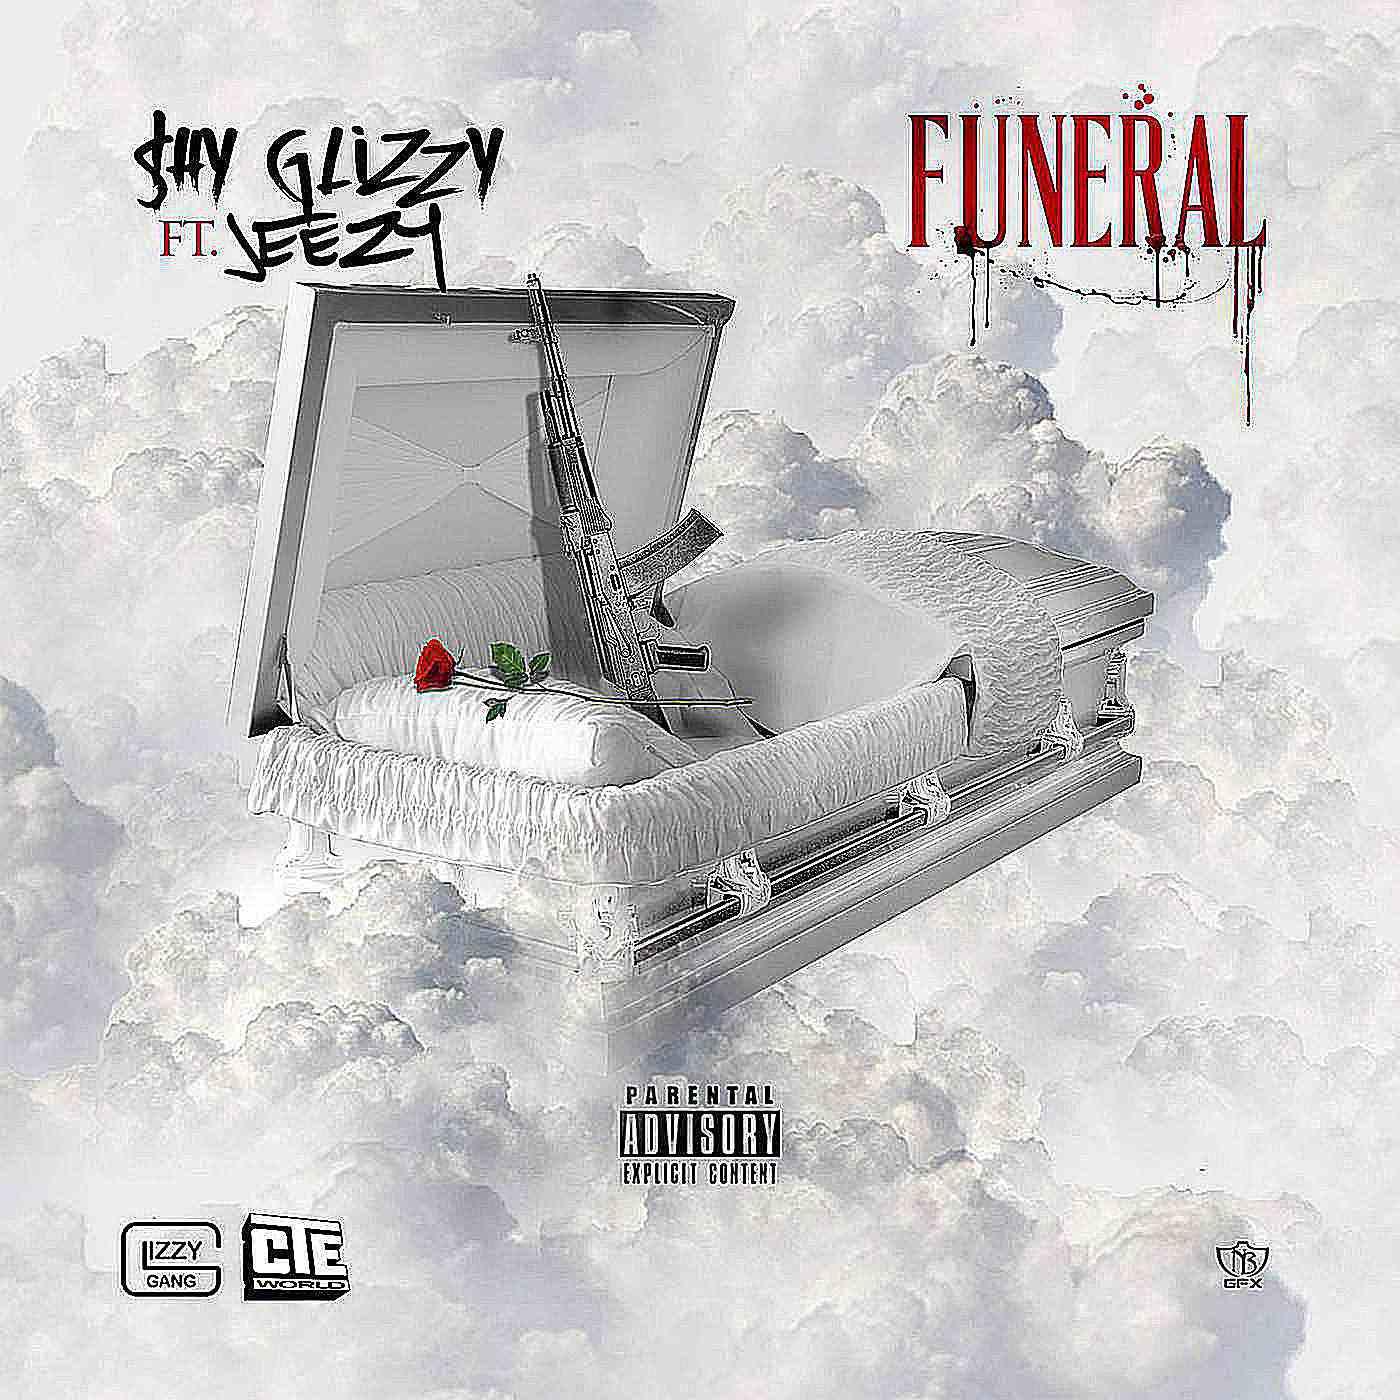 Shy Glizzy Remix